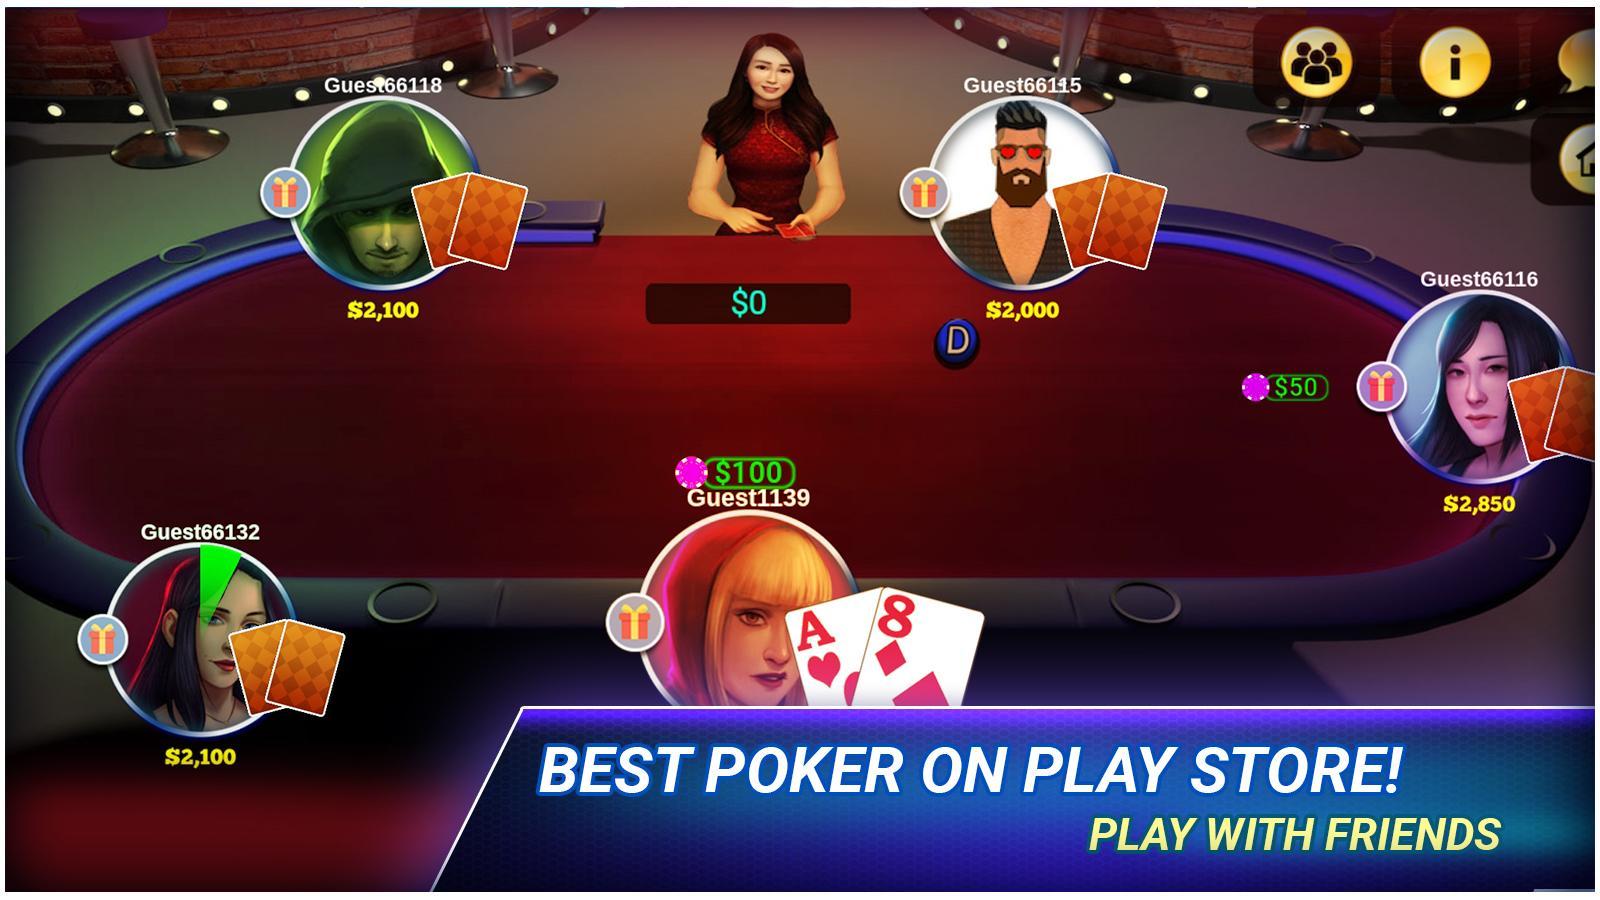 Poker Offline Apk 4 1 5 Download For Android Download Poker Offline Apk Latest Version Apkfab Com